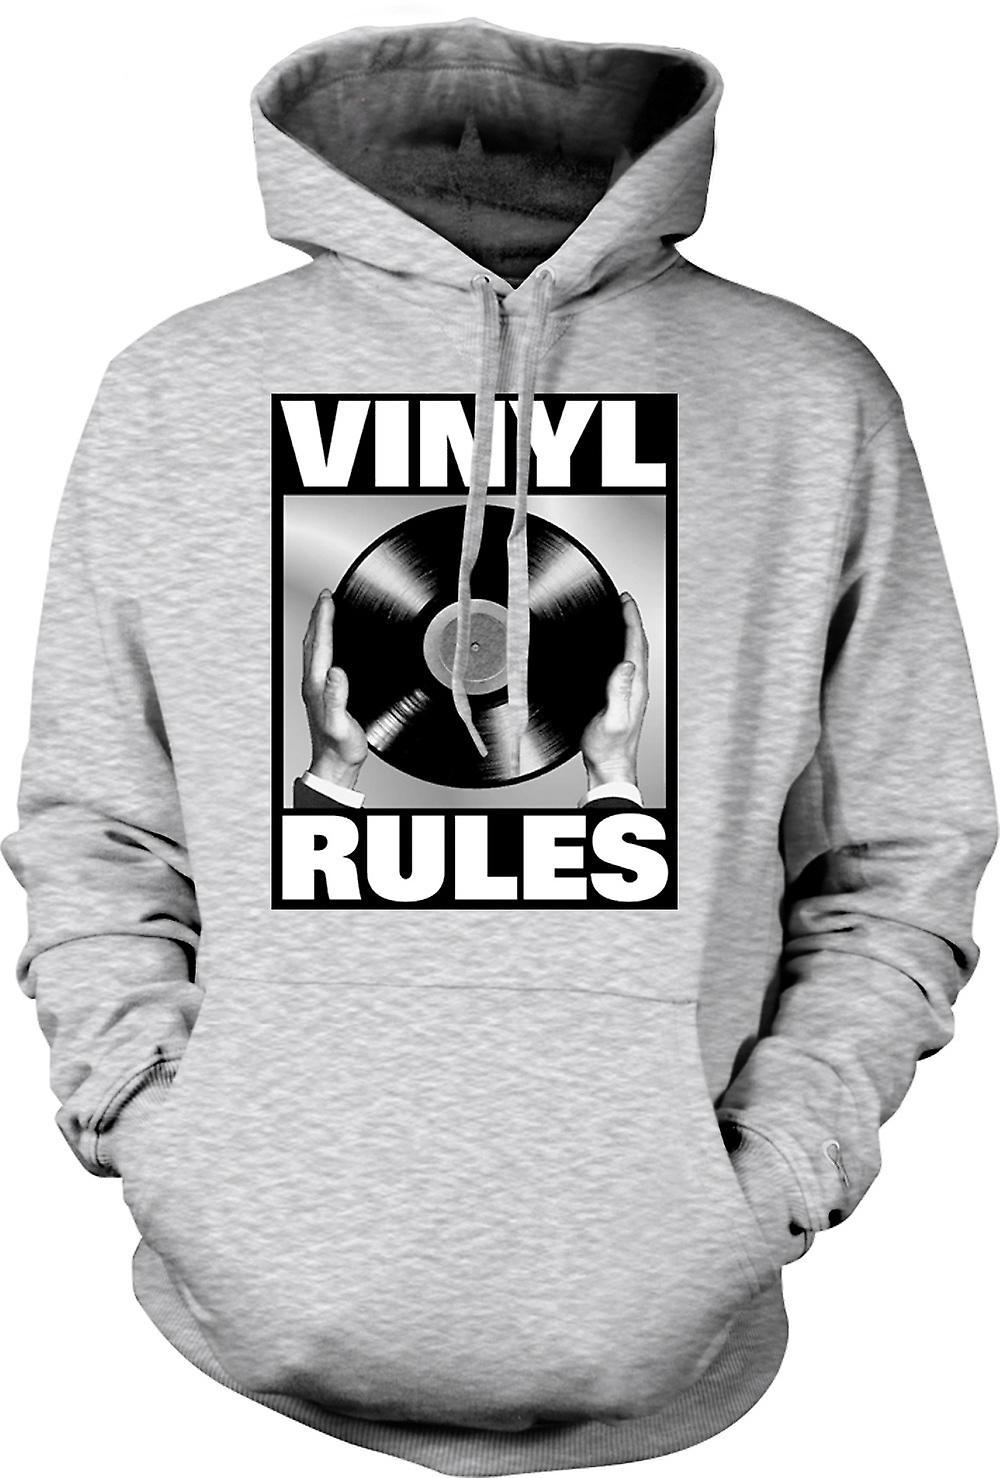 Mens Hoodie - Vinyl Rules - DJ Mixing